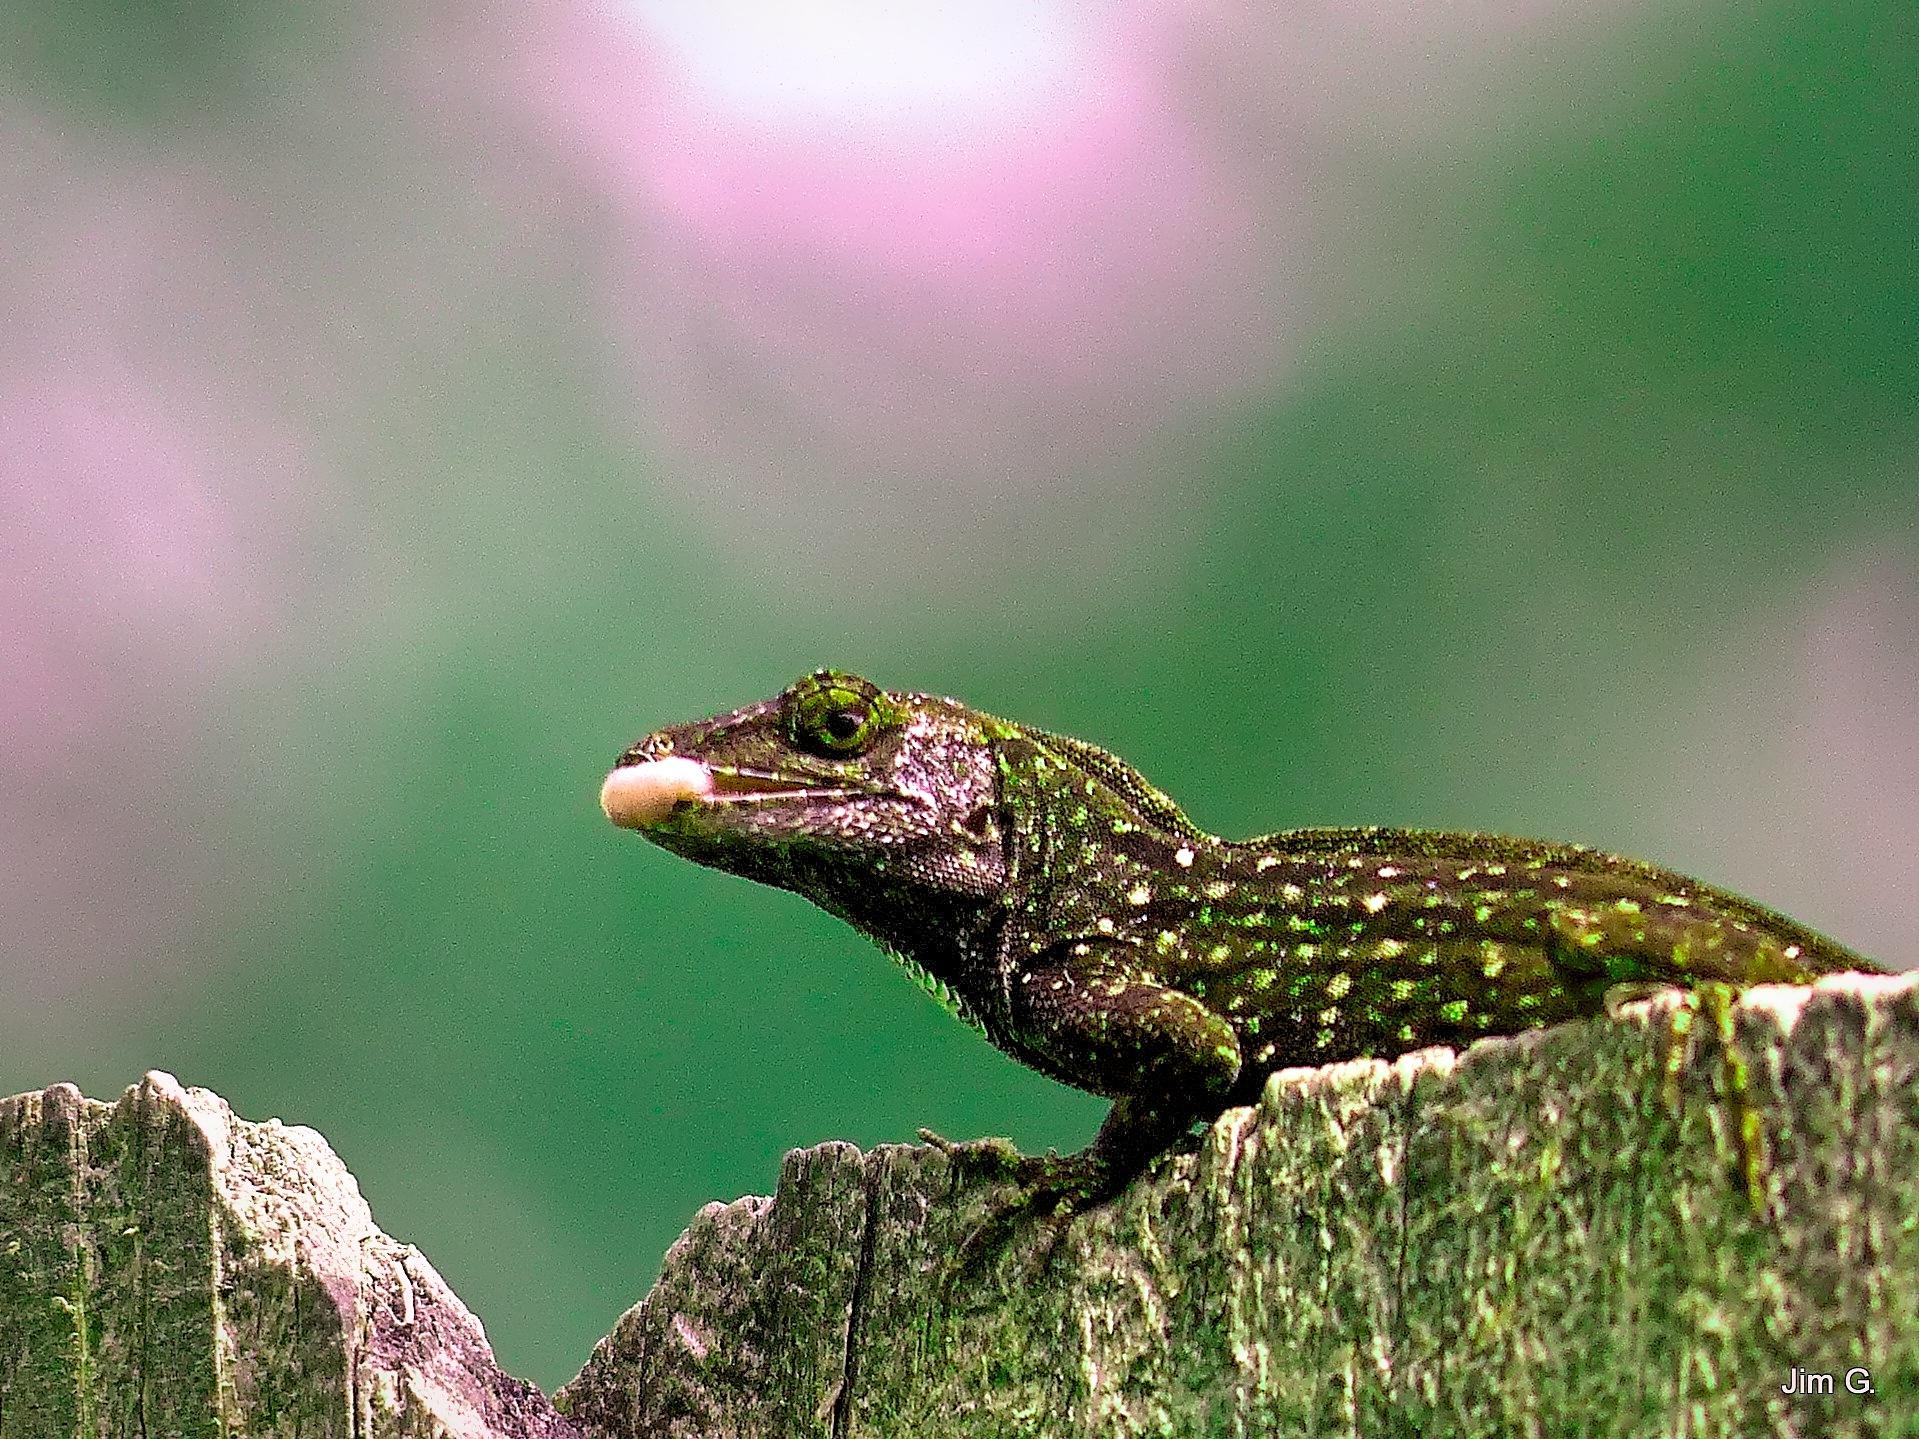 HDR Edit of Lizard by Jim Graham